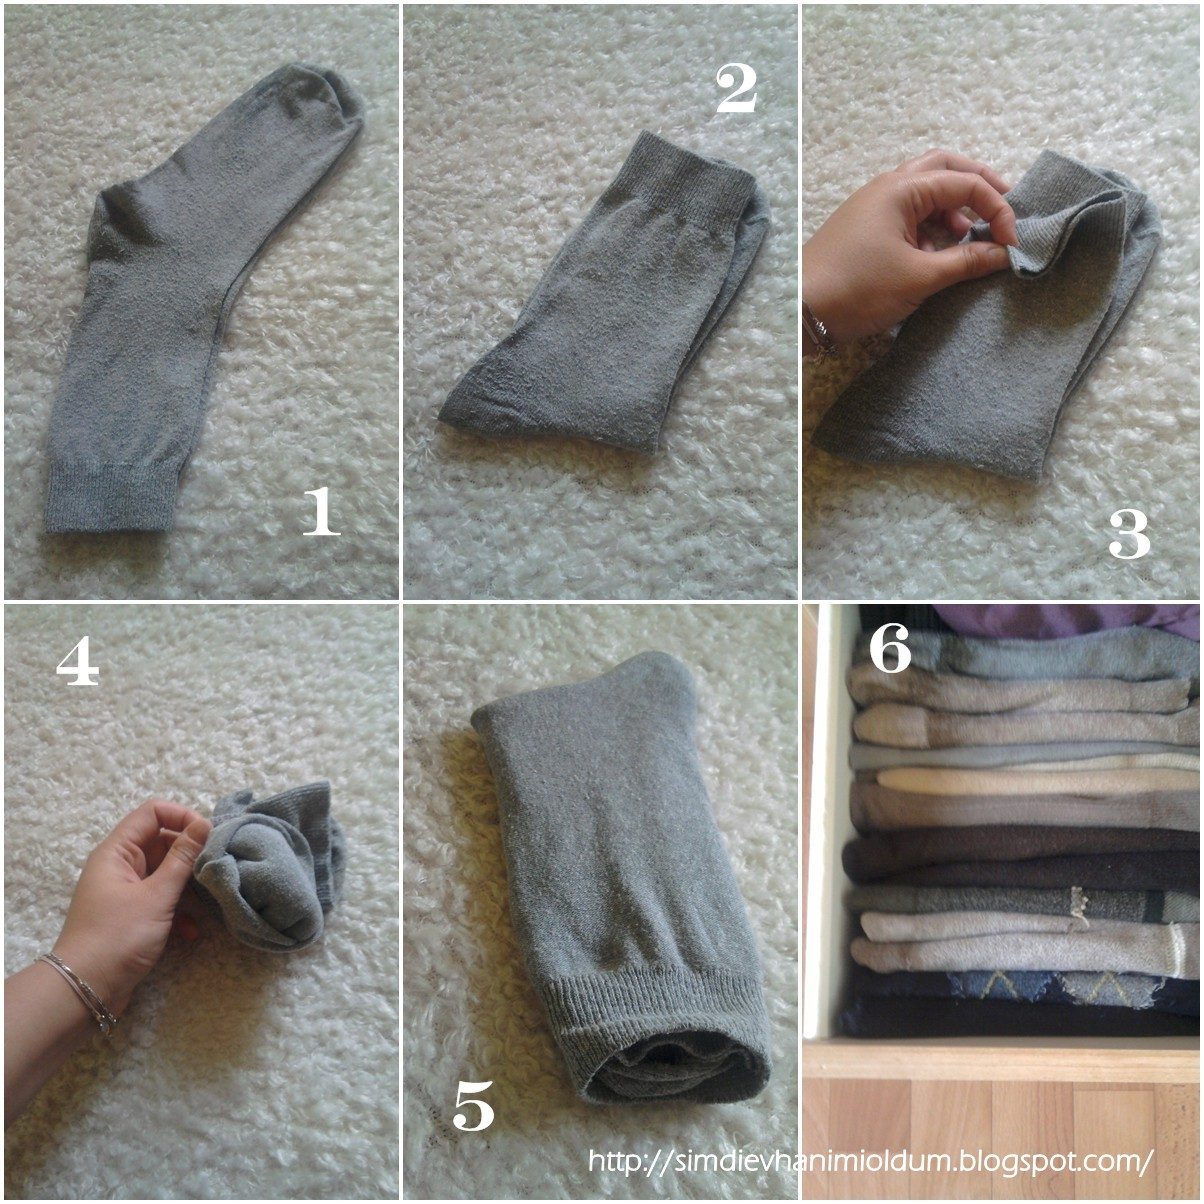 Eski Çorapları Nasıl Değerlendirebiliriz